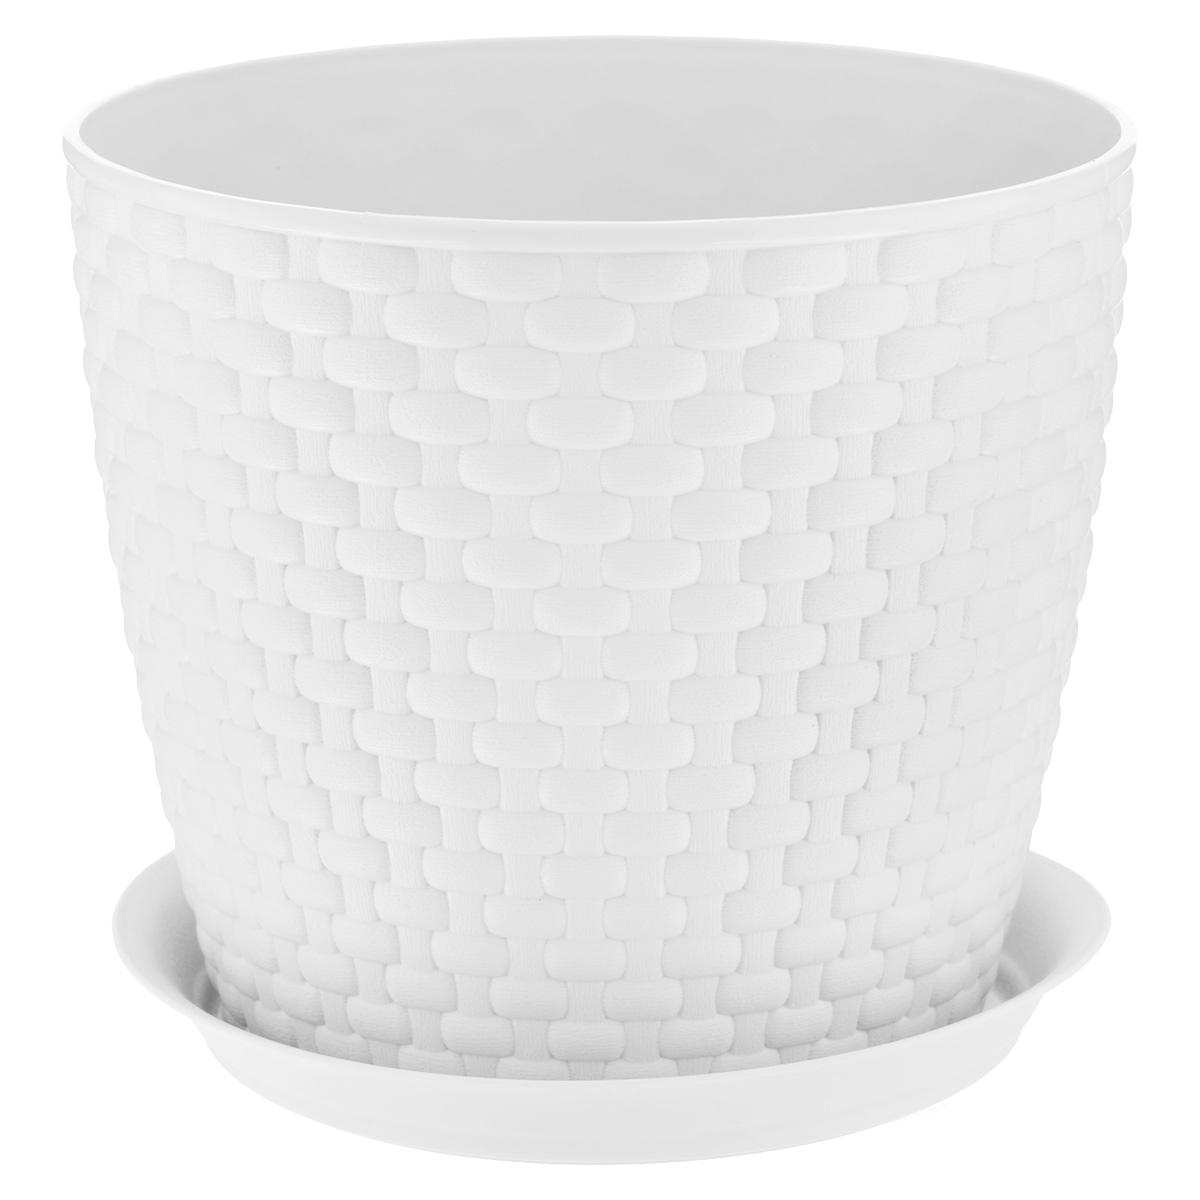 Кашпо Idea Ротанг, с поддоном, цвет: белый, 4,7 л531-402Кашпо Idea Ротанг изготовлено из высококачественного пластика. Специальный поддон предназначен для стока воды. Изделие прекрасно подходит для выращивания растений и цветов в домашних условиях. Лаконичный дизайн впишется в интерьер любого помещения. Диаметр поддона: 19,5 см. Объем кашпо: 4,7 л.Диаметр кашпо по верхнему краю: 21 см.Высота кашпо: 18 см.